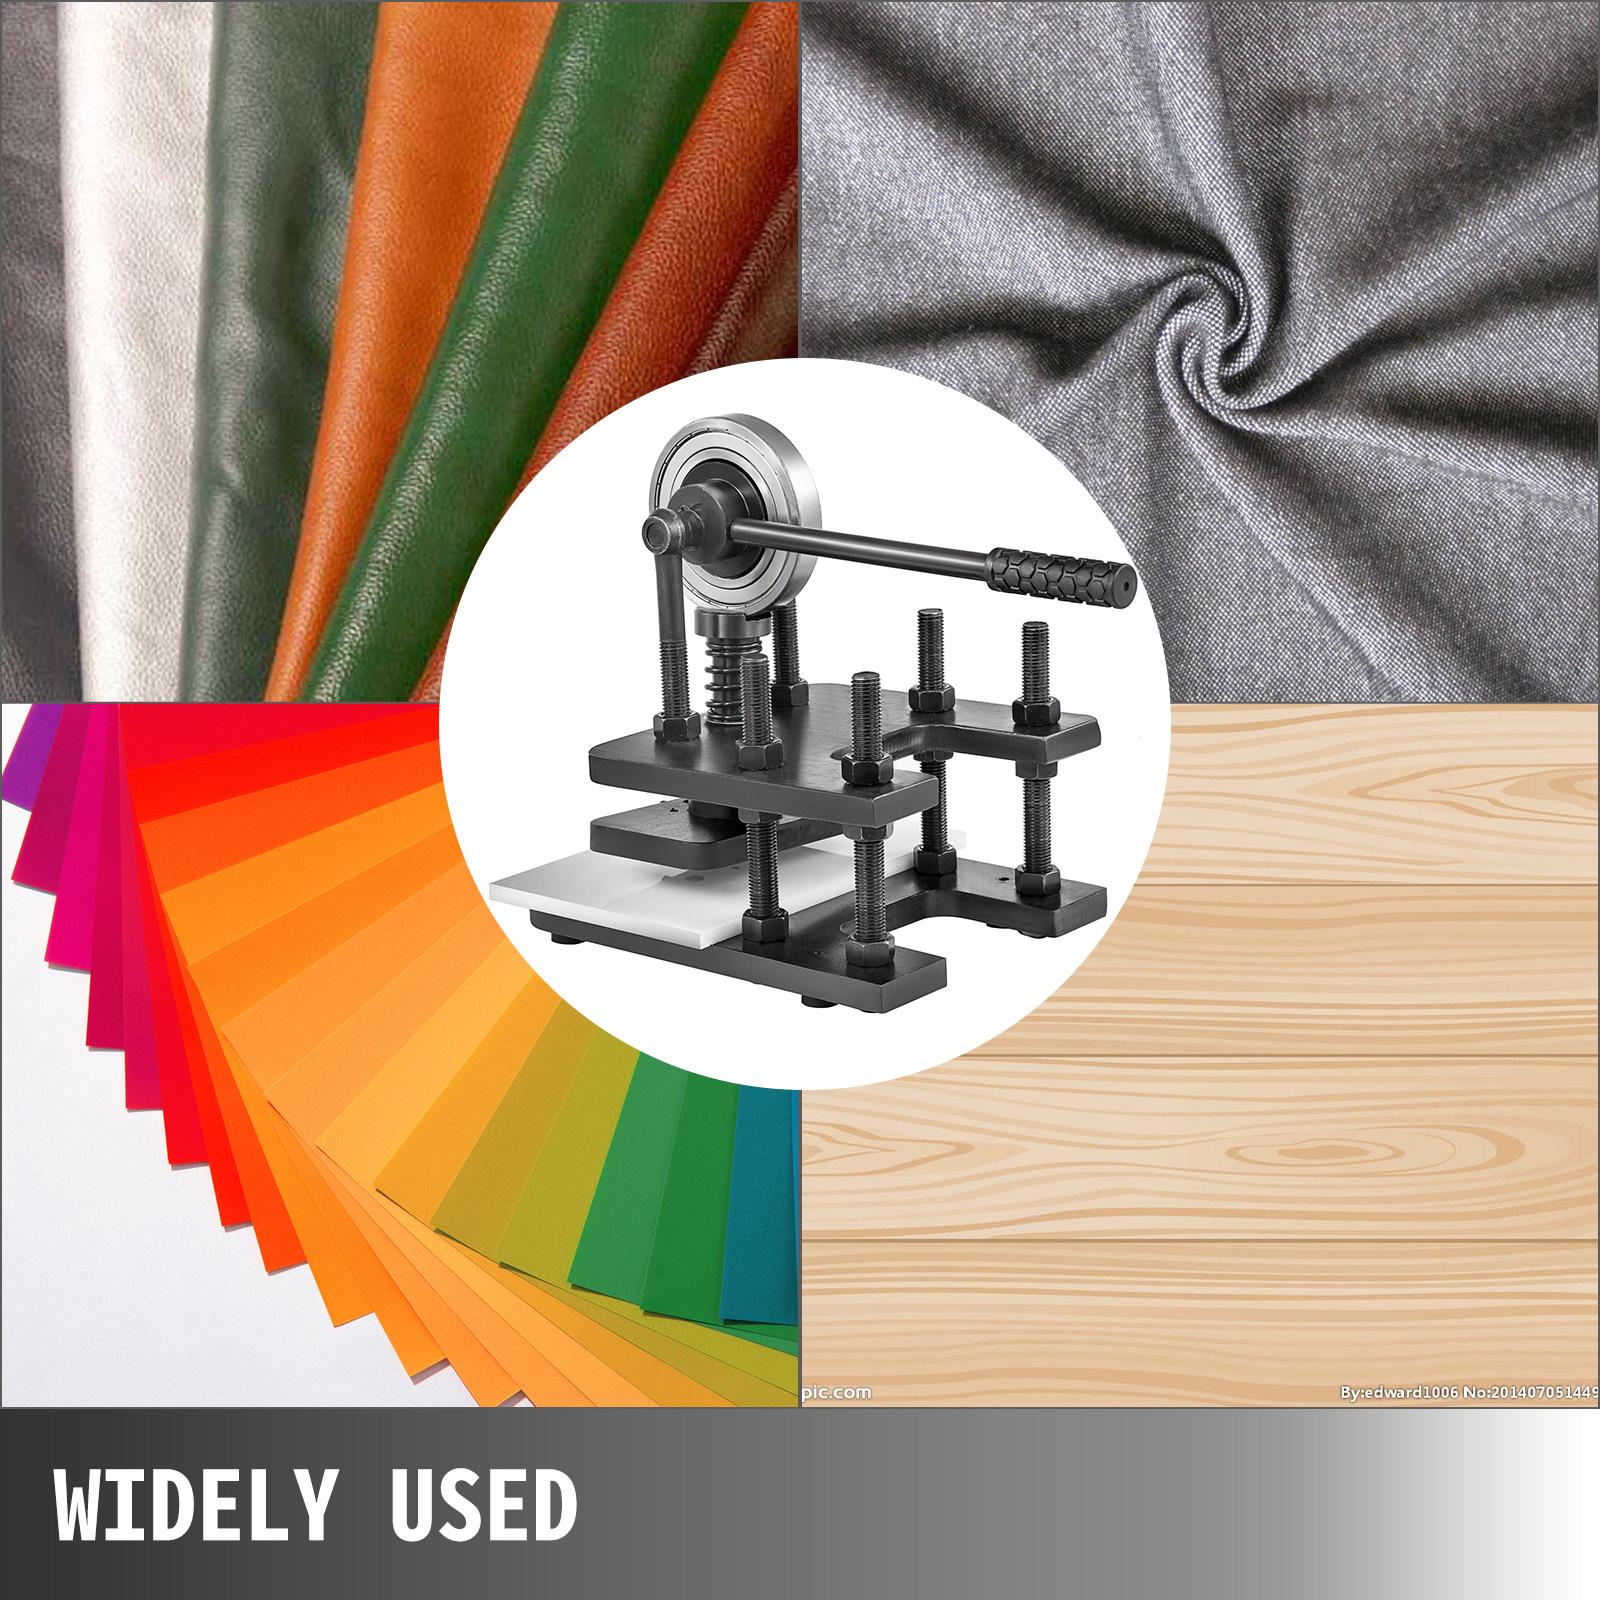 La nostra azienda produce scatole e imballaggi per coloro che hanno bisogno di un packaging di qualità. Goffratrice Manuale in Pelle 18x12 CM per Fustellatrice | eBay